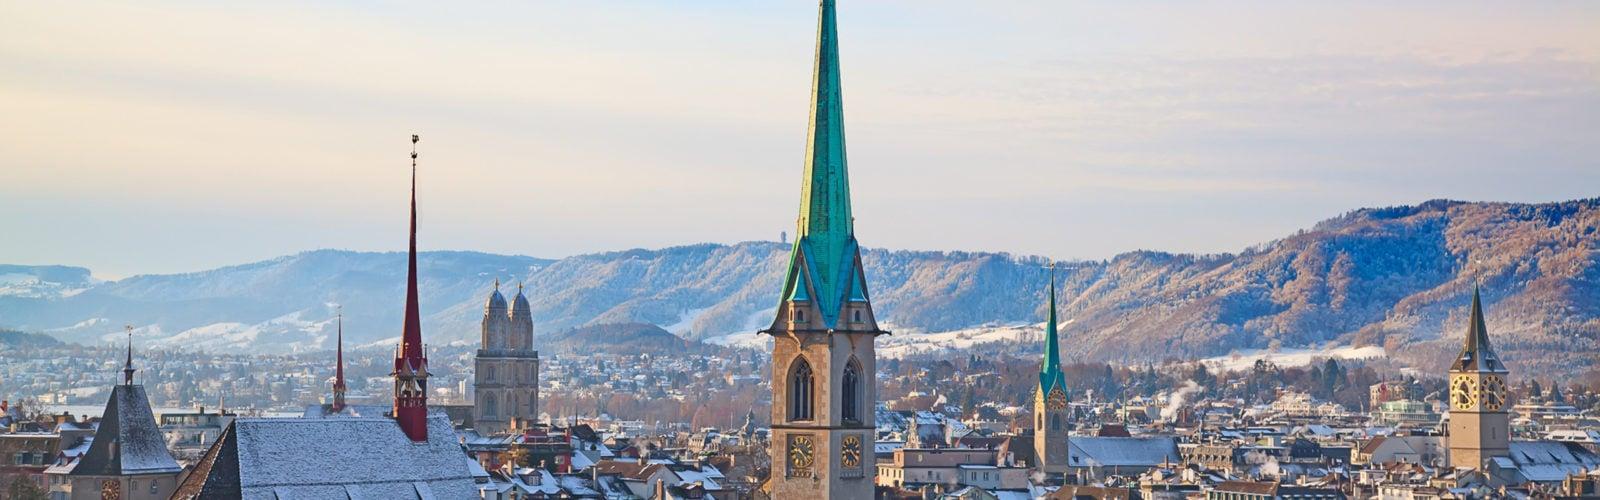 zurich-skyline